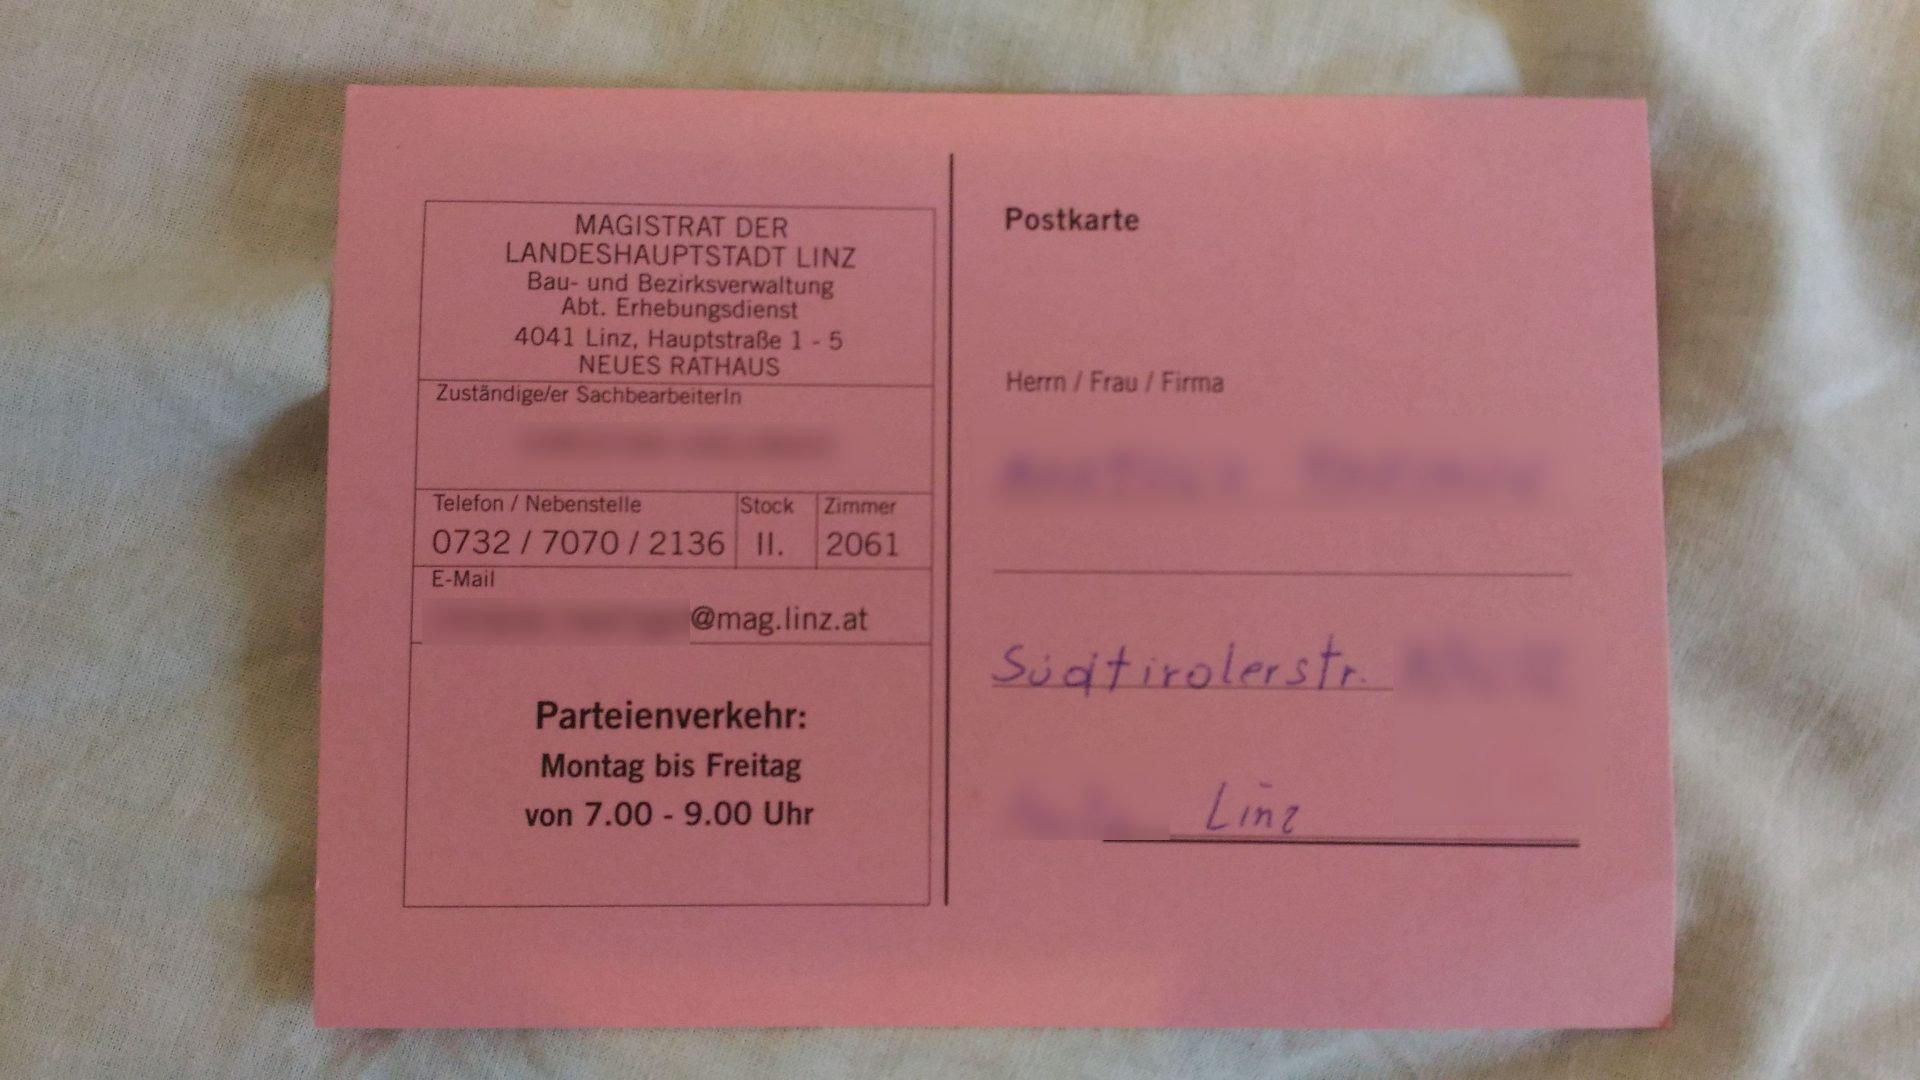 Письмо счастья из австрийского магистрата